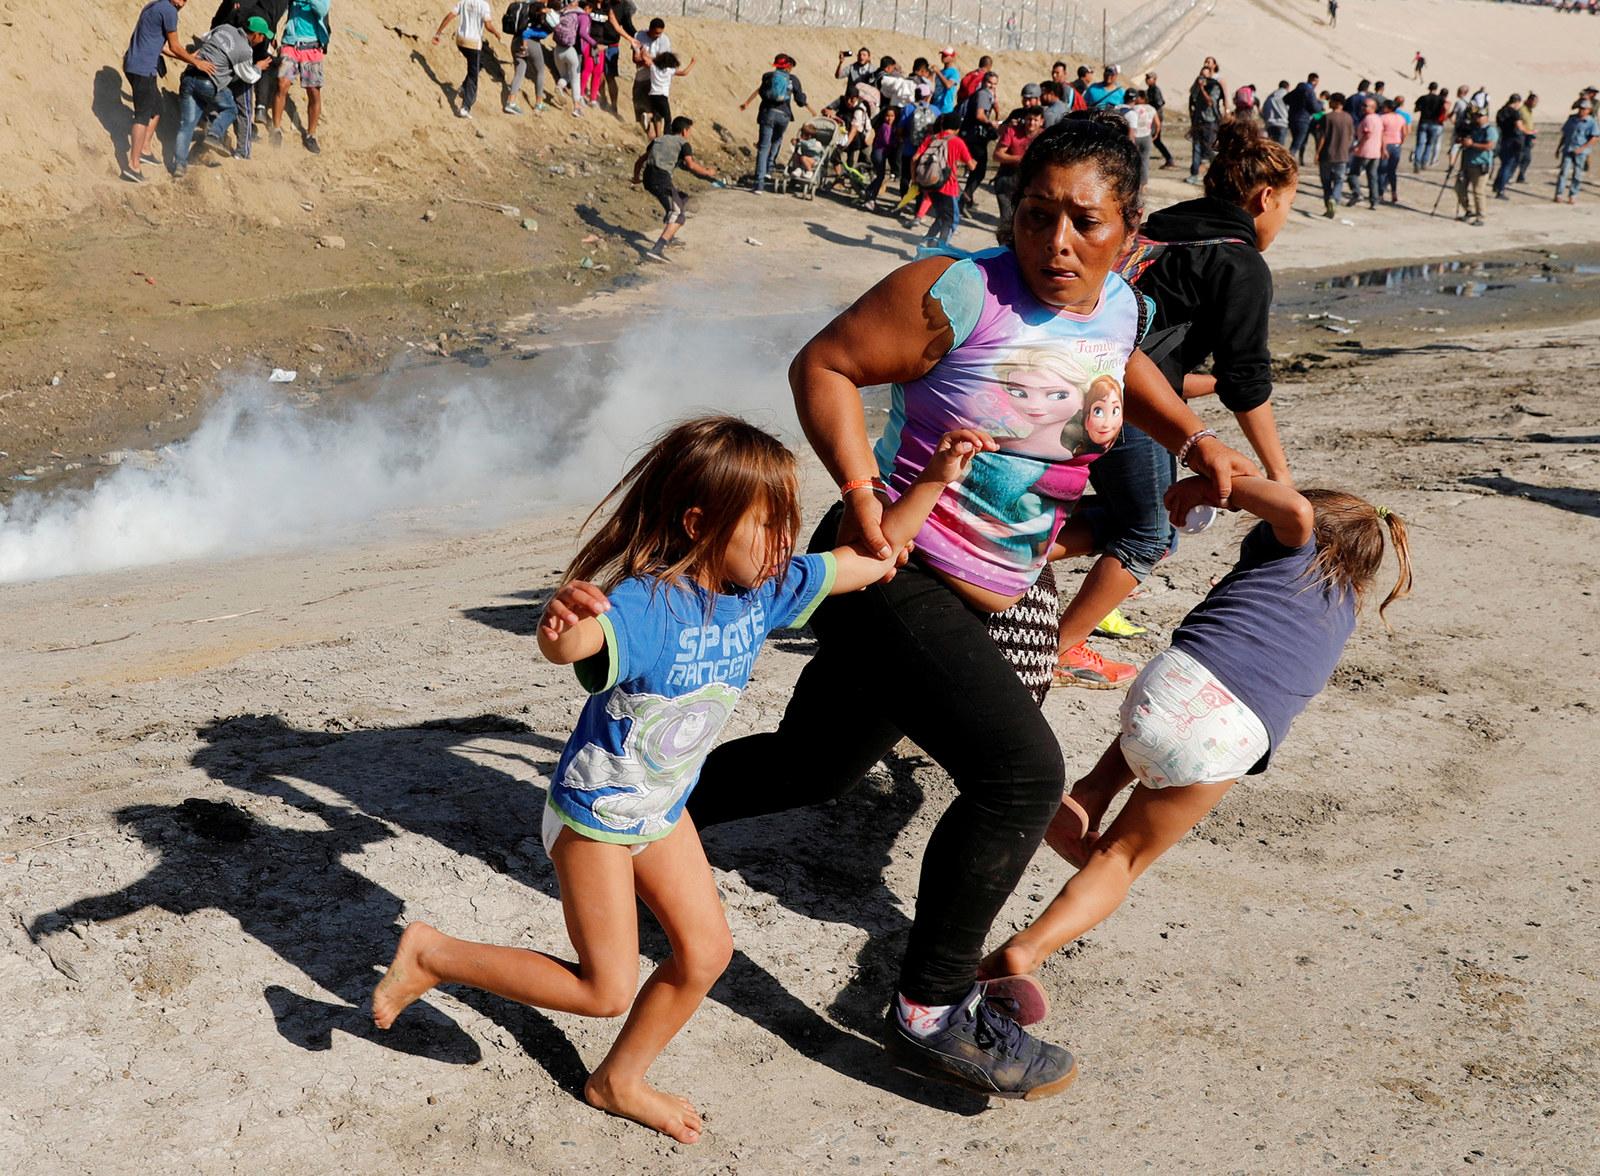 Estas imagens desoladoras mostram a dura realidade dos migrantes da caravana que tenta entrar nos EUA - Sabedenada